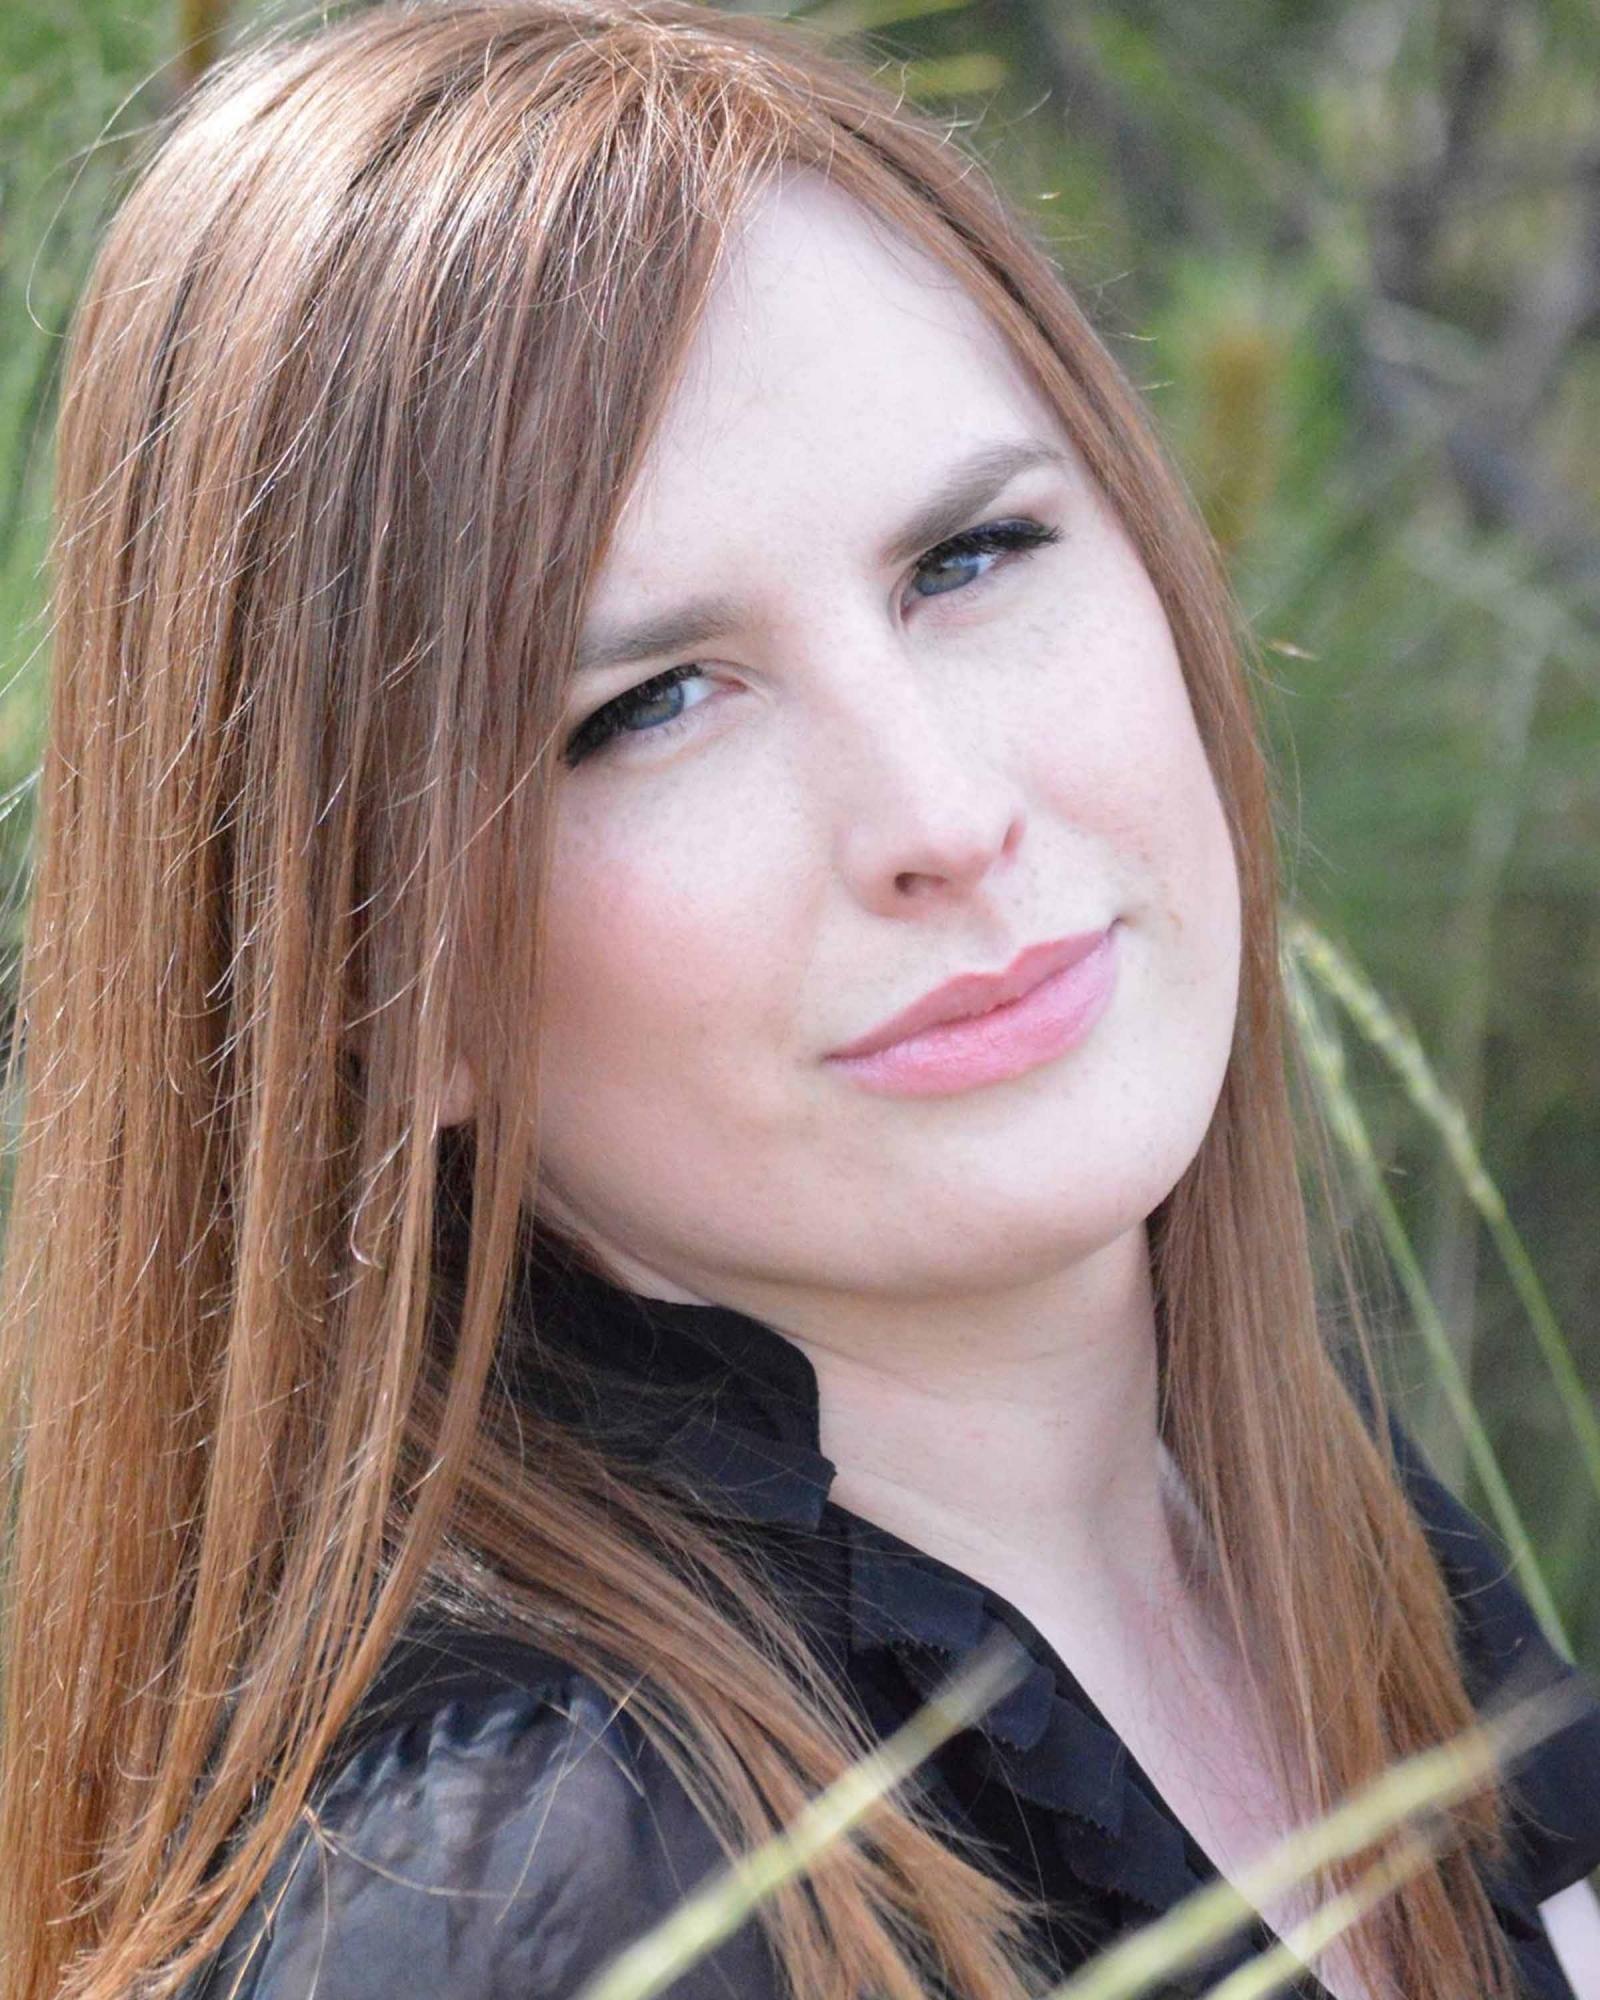 Anita Green transgender